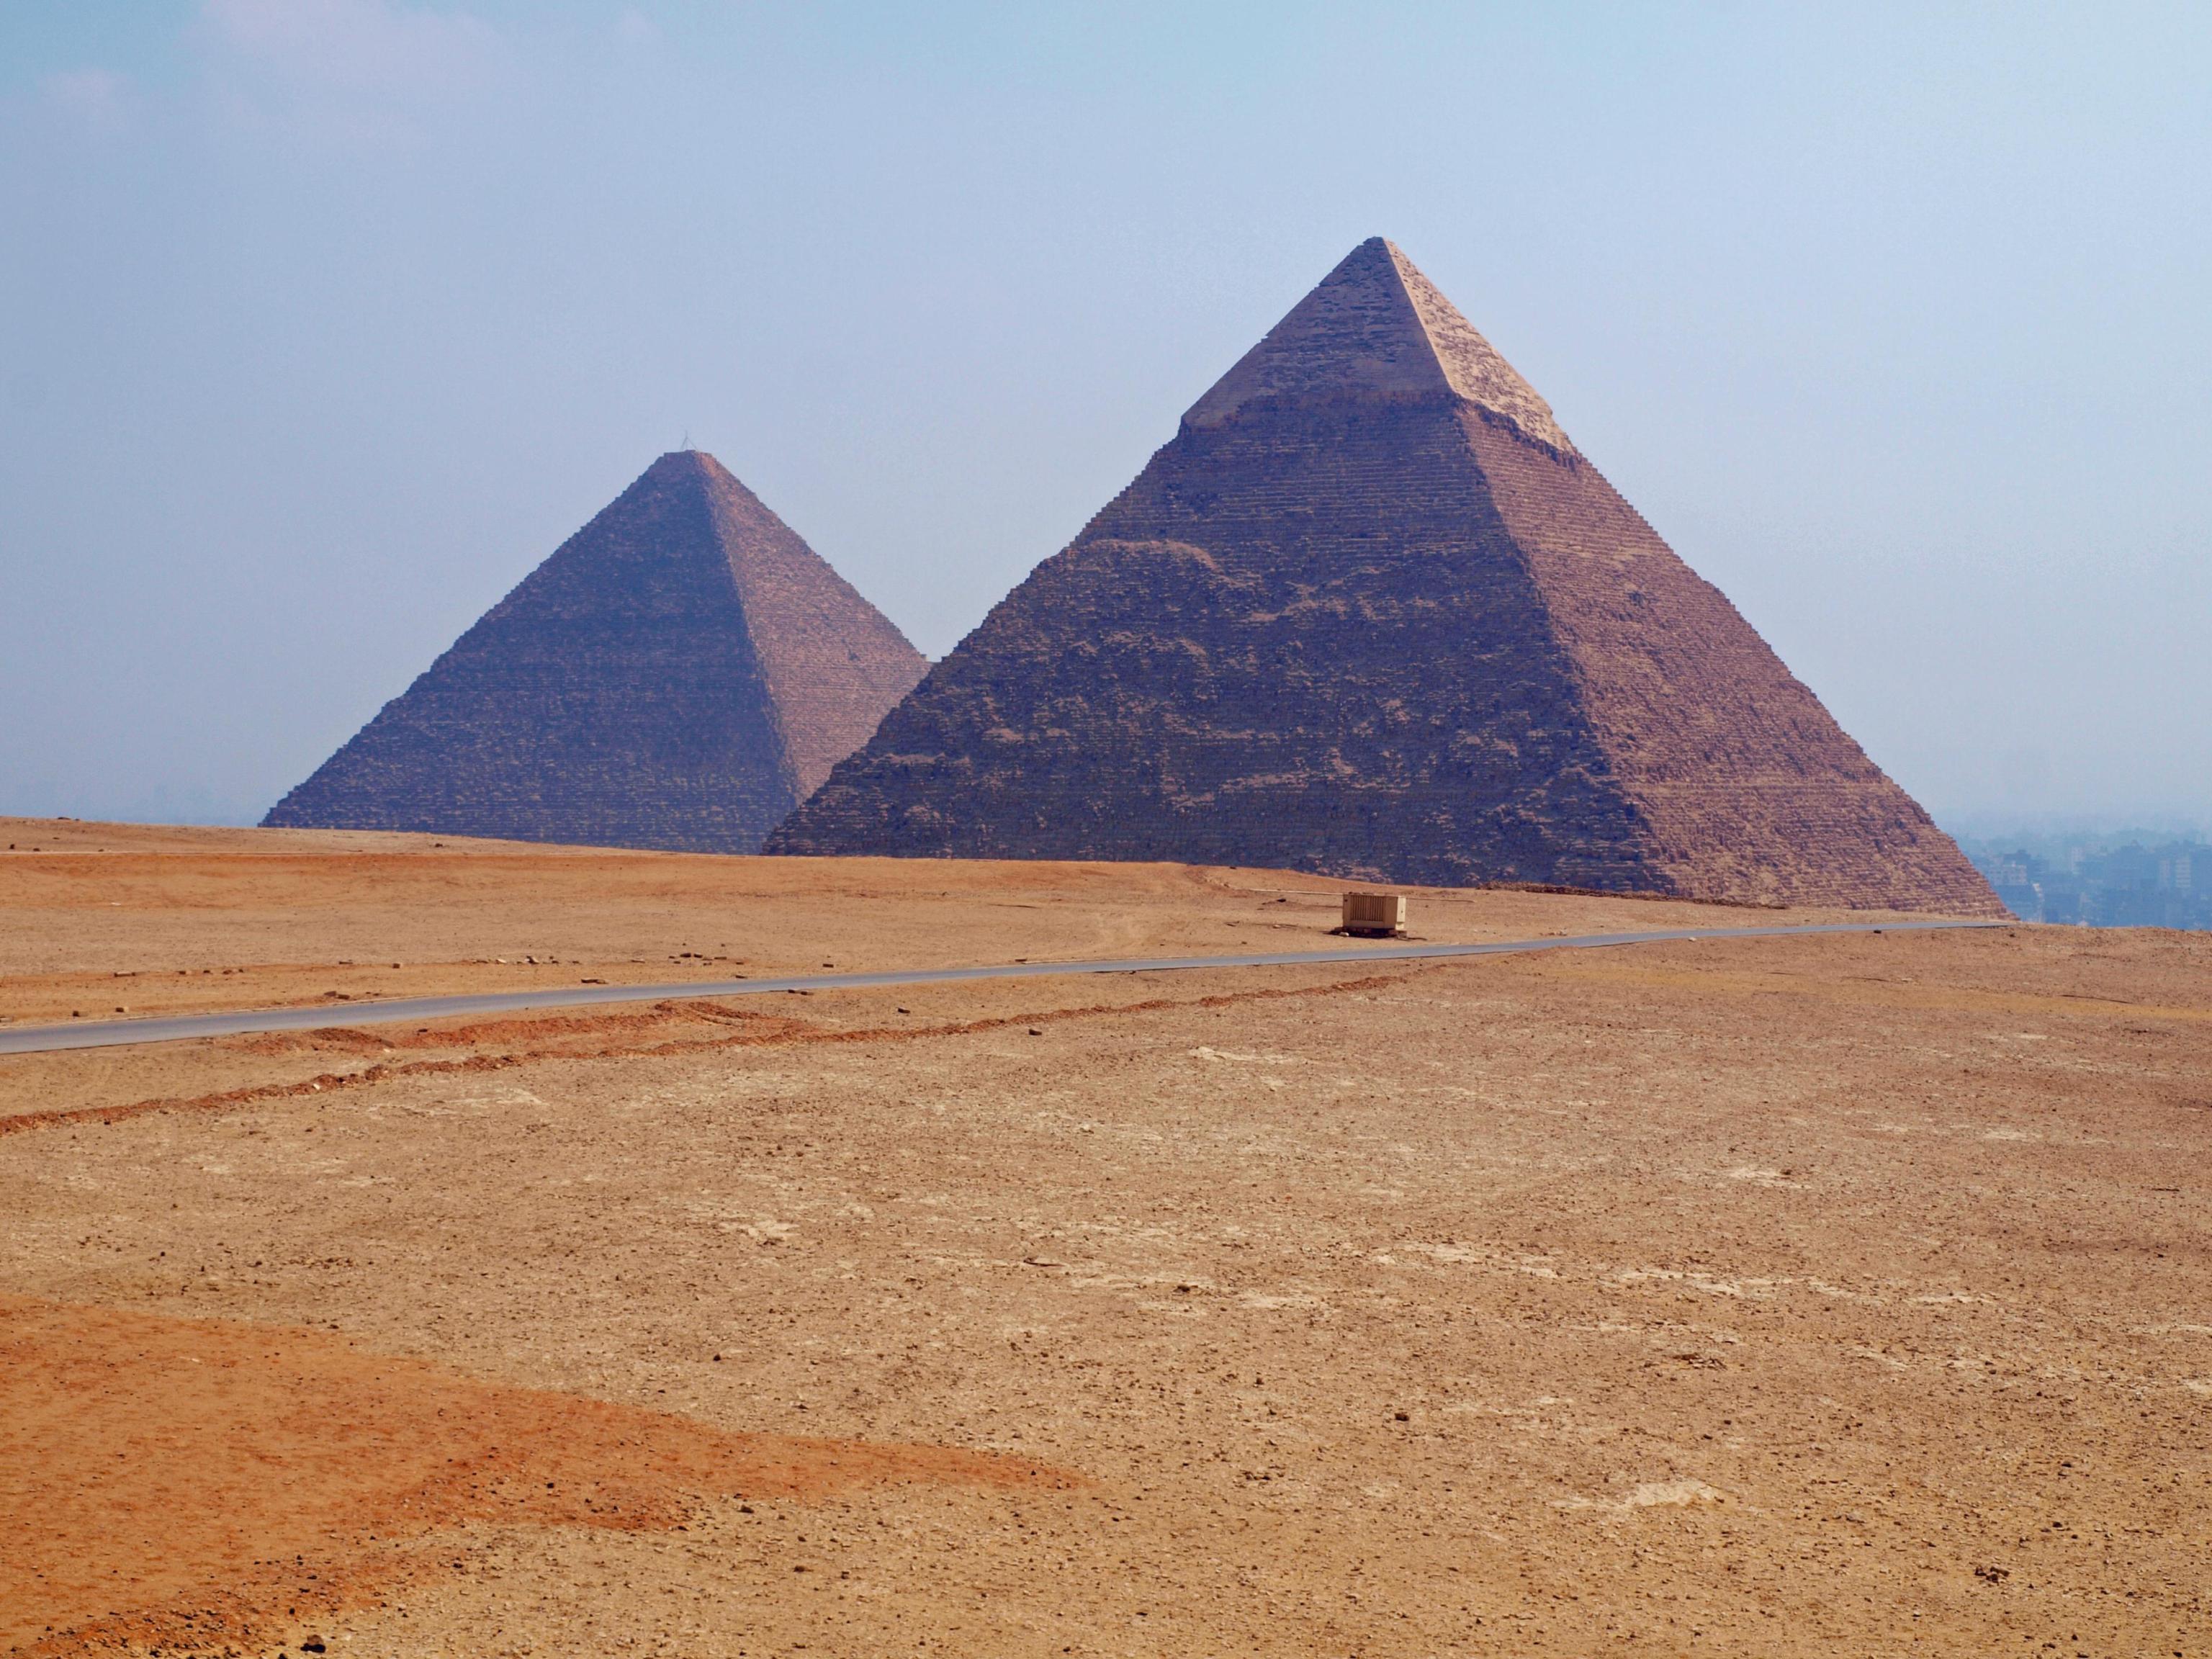 luoghi più misteriosi della terra piramidi giza